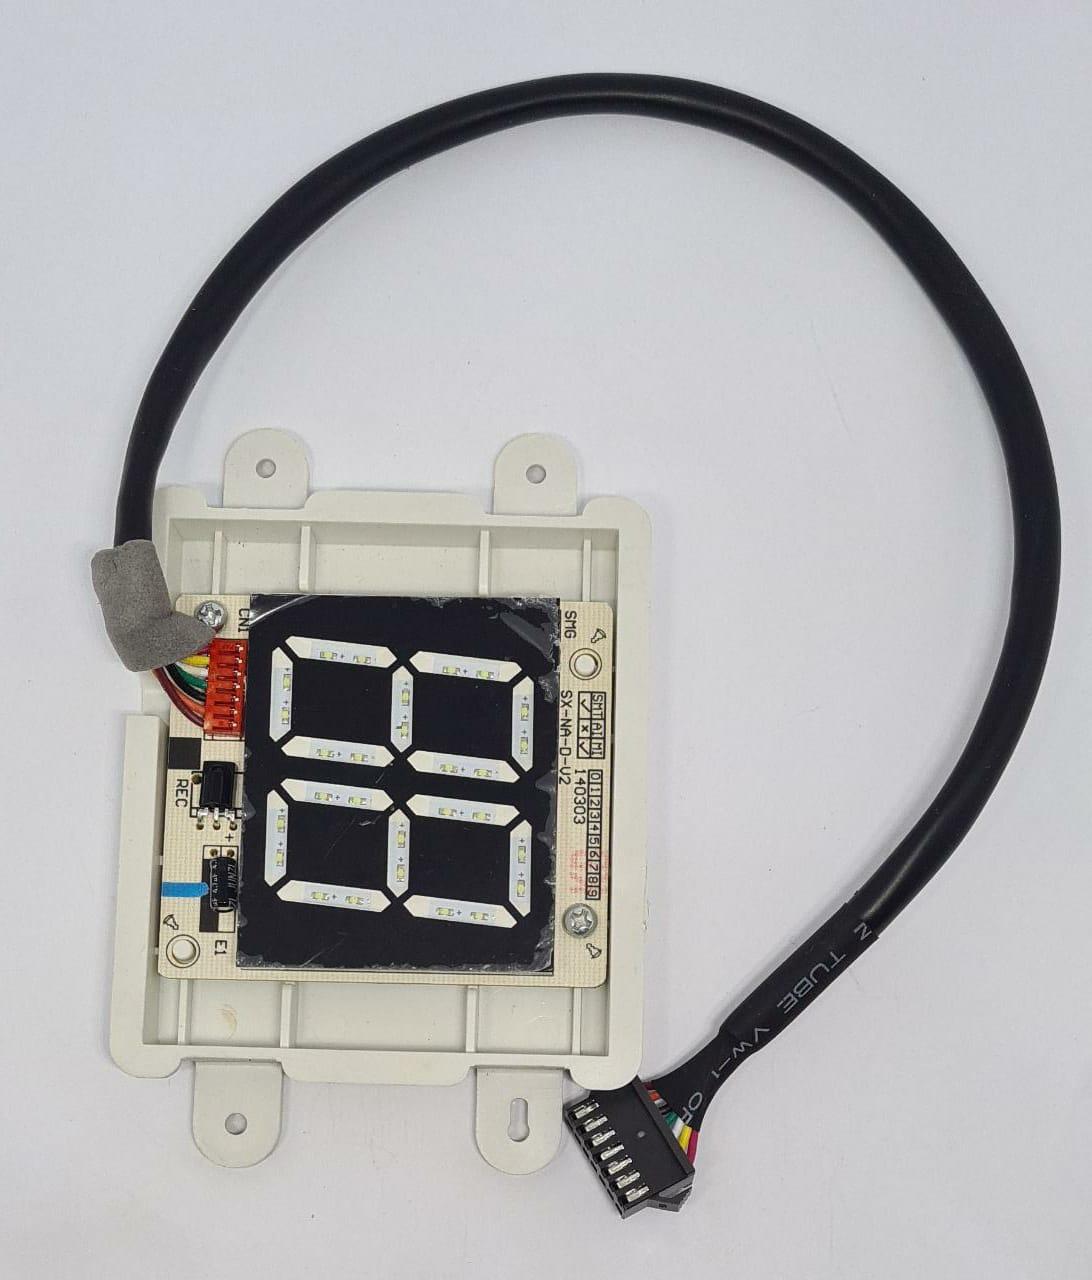 Placa Display Receptora Evaporadora 12.000 Btus Q/F Hpqi12a2na Elgin